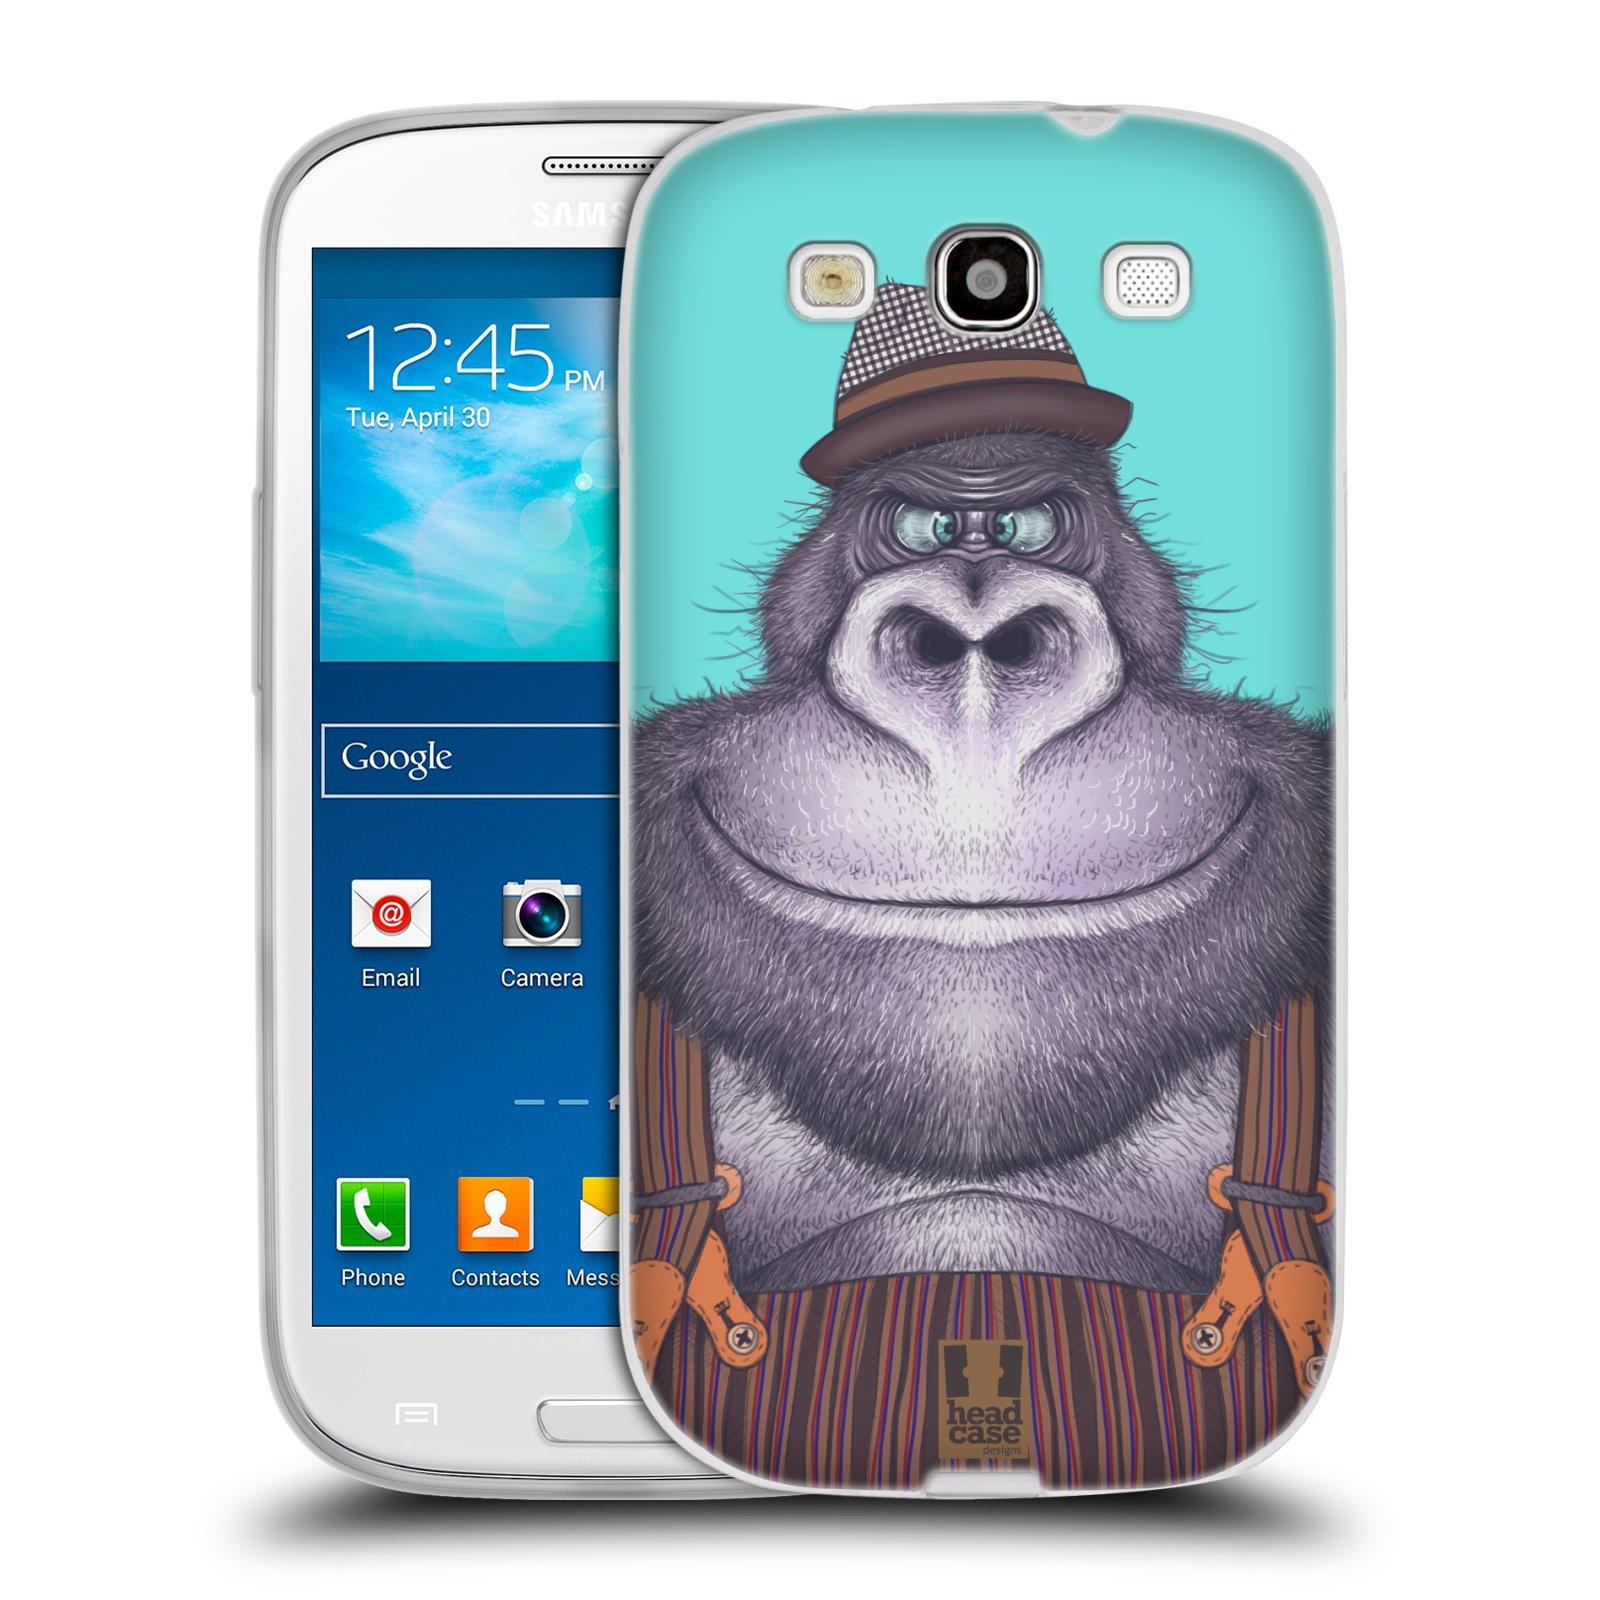 HEAD CASE silikonový obal na mobil Samsung Galaxy S3 i9300 vzor Kreslená zvířátka gorila